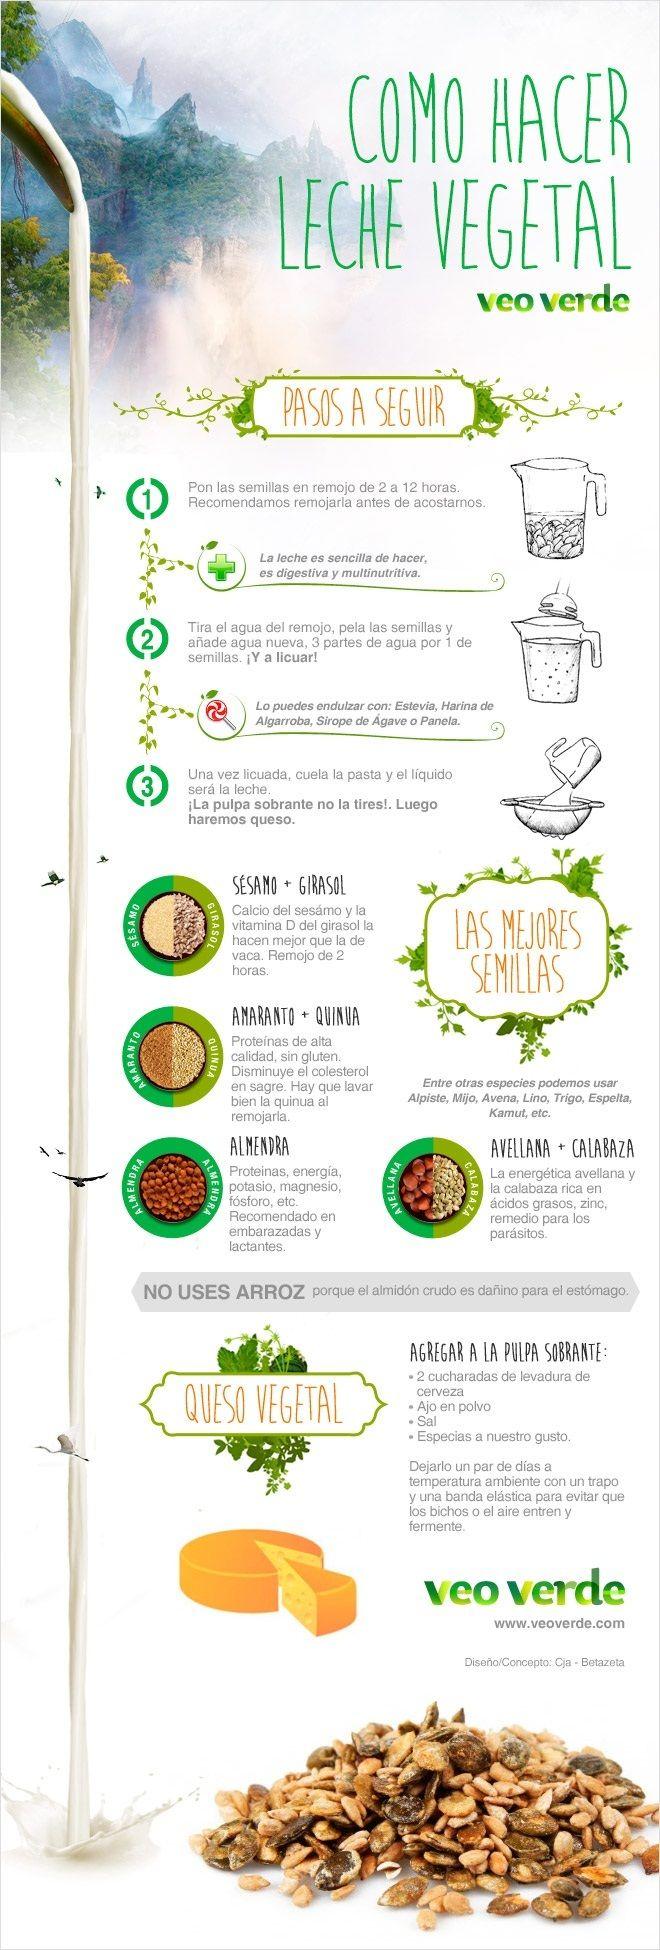 Infografía Veo Verde: Aprende a hacer leches y quesos vegetale